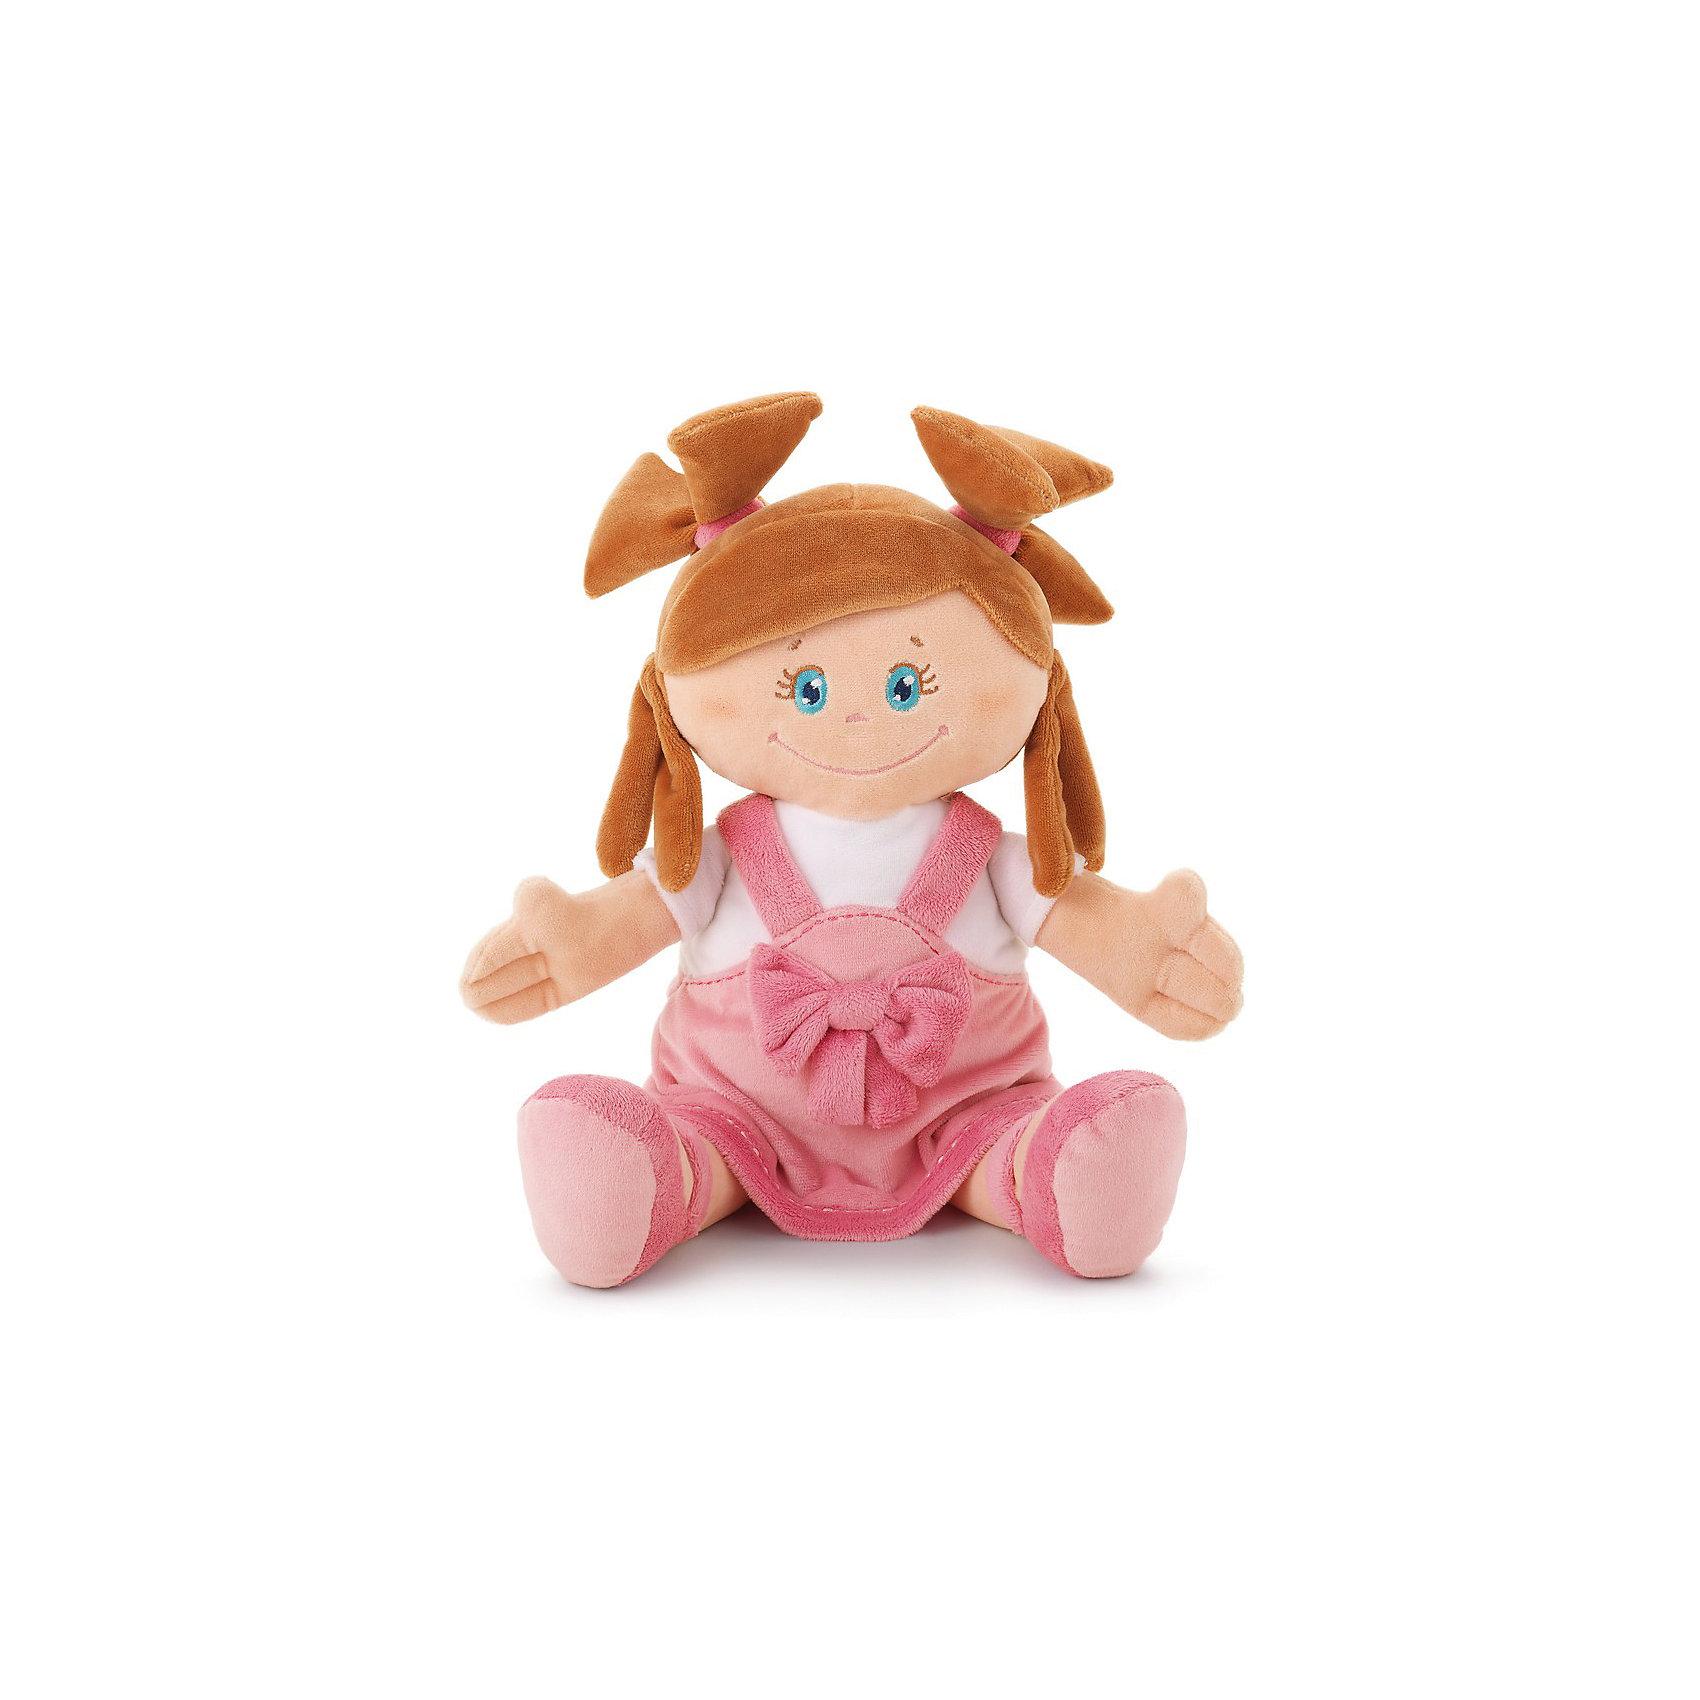 Мягкая кукла в платье с бантом, 40 см, TrudiМилая мягкая куколка станет отличным подарком любой девочке. Добрые глаза, озорные косички и розовое платье с бантиком никого не оставят равнодушным! С такой куклой будет очень весело играть днем и спокойно и уютно засыпать ночью. Игрушка очень приятная на ощупь, выполнена из мягкого плюша, набита гипоаллергенным нетоксичным наполнителем - абсолютно безопасна для детей. <br><br>Дополнительная информация:<br><br>- Материал: плюш, пластик, текстиль, искусственный мех. <br>- Высота: 40 см. <br>- Допускается машинная стирка при деликатной режиме (30 ?).<br><br>Мягкую куклу в платье с бантом, 40 см, Trudi (Труди), можно купить в нашем магазине.<br><br>Ширина мм: 165<br>Глубина мм: 90<br>Высота мм: 400<br>Вес г: 230<br>Возраст от месяцев: 12<br>Возраст до месяцев: 2147483647<br>Пол: Унисекс<br>Возраст: Детский<br>SKU: 5055253